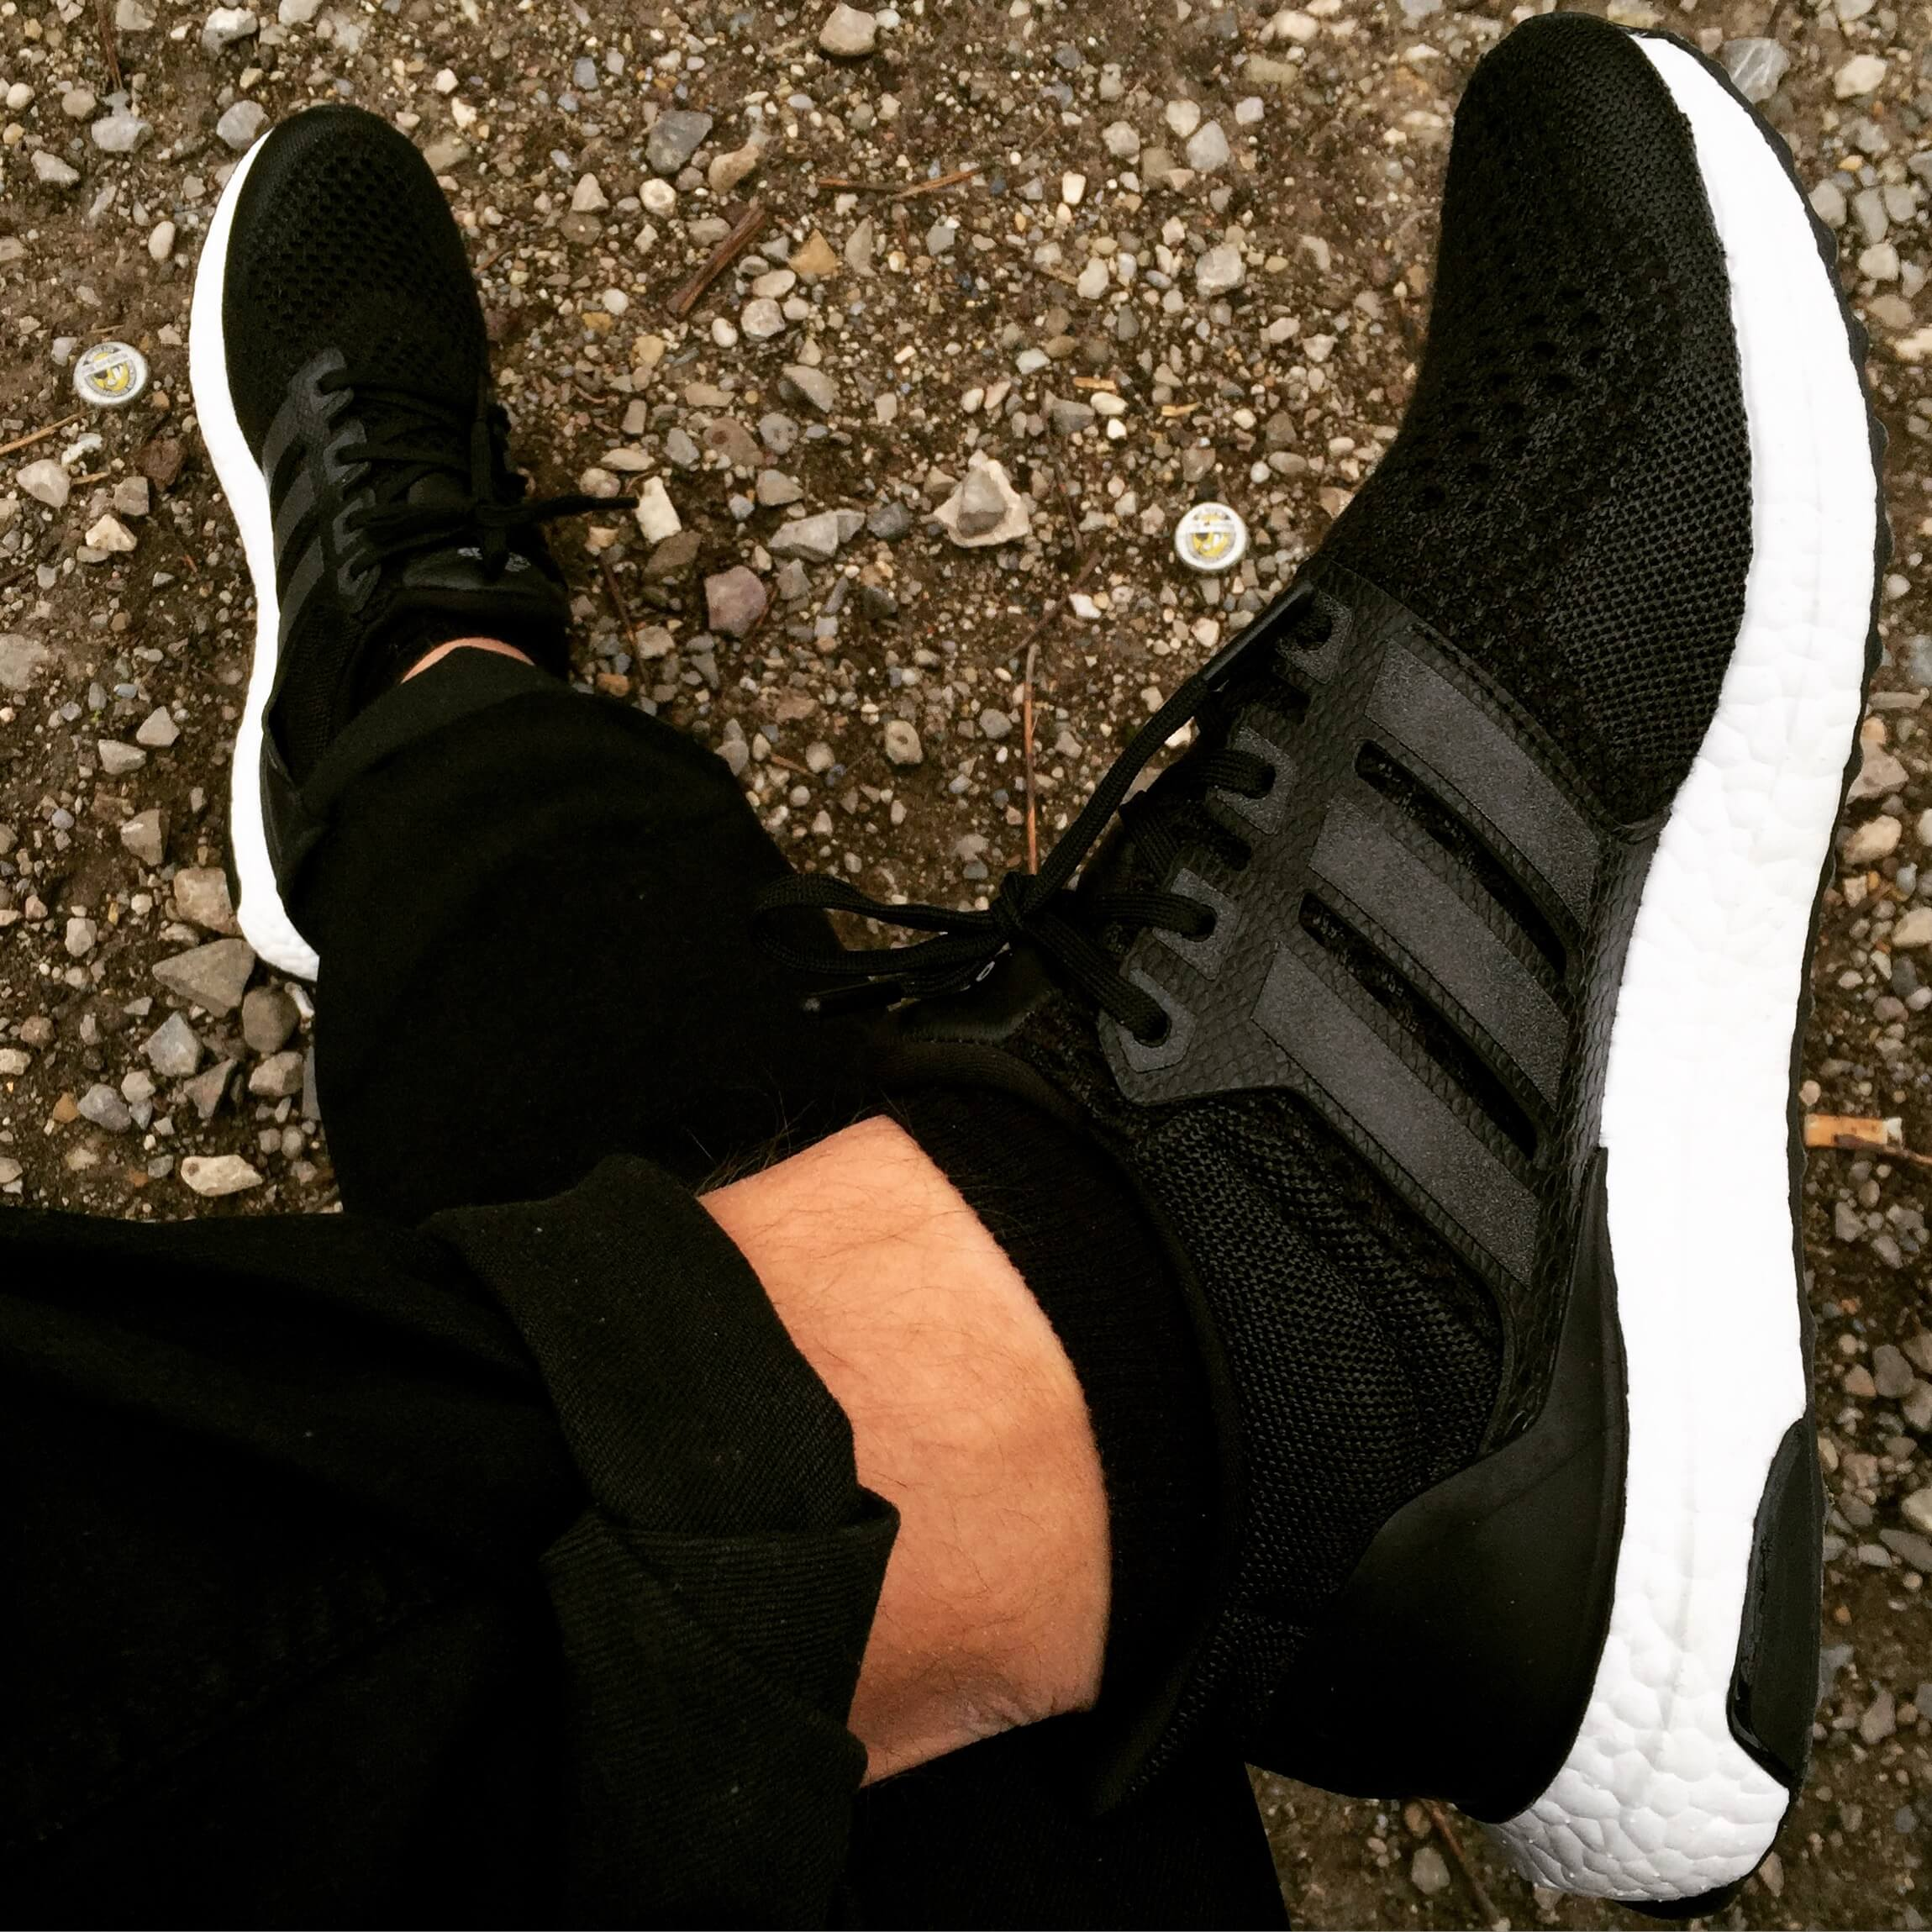 Adidas-Ultra Boost-J&D-Collective-Top-View-Benstah-Onfeet